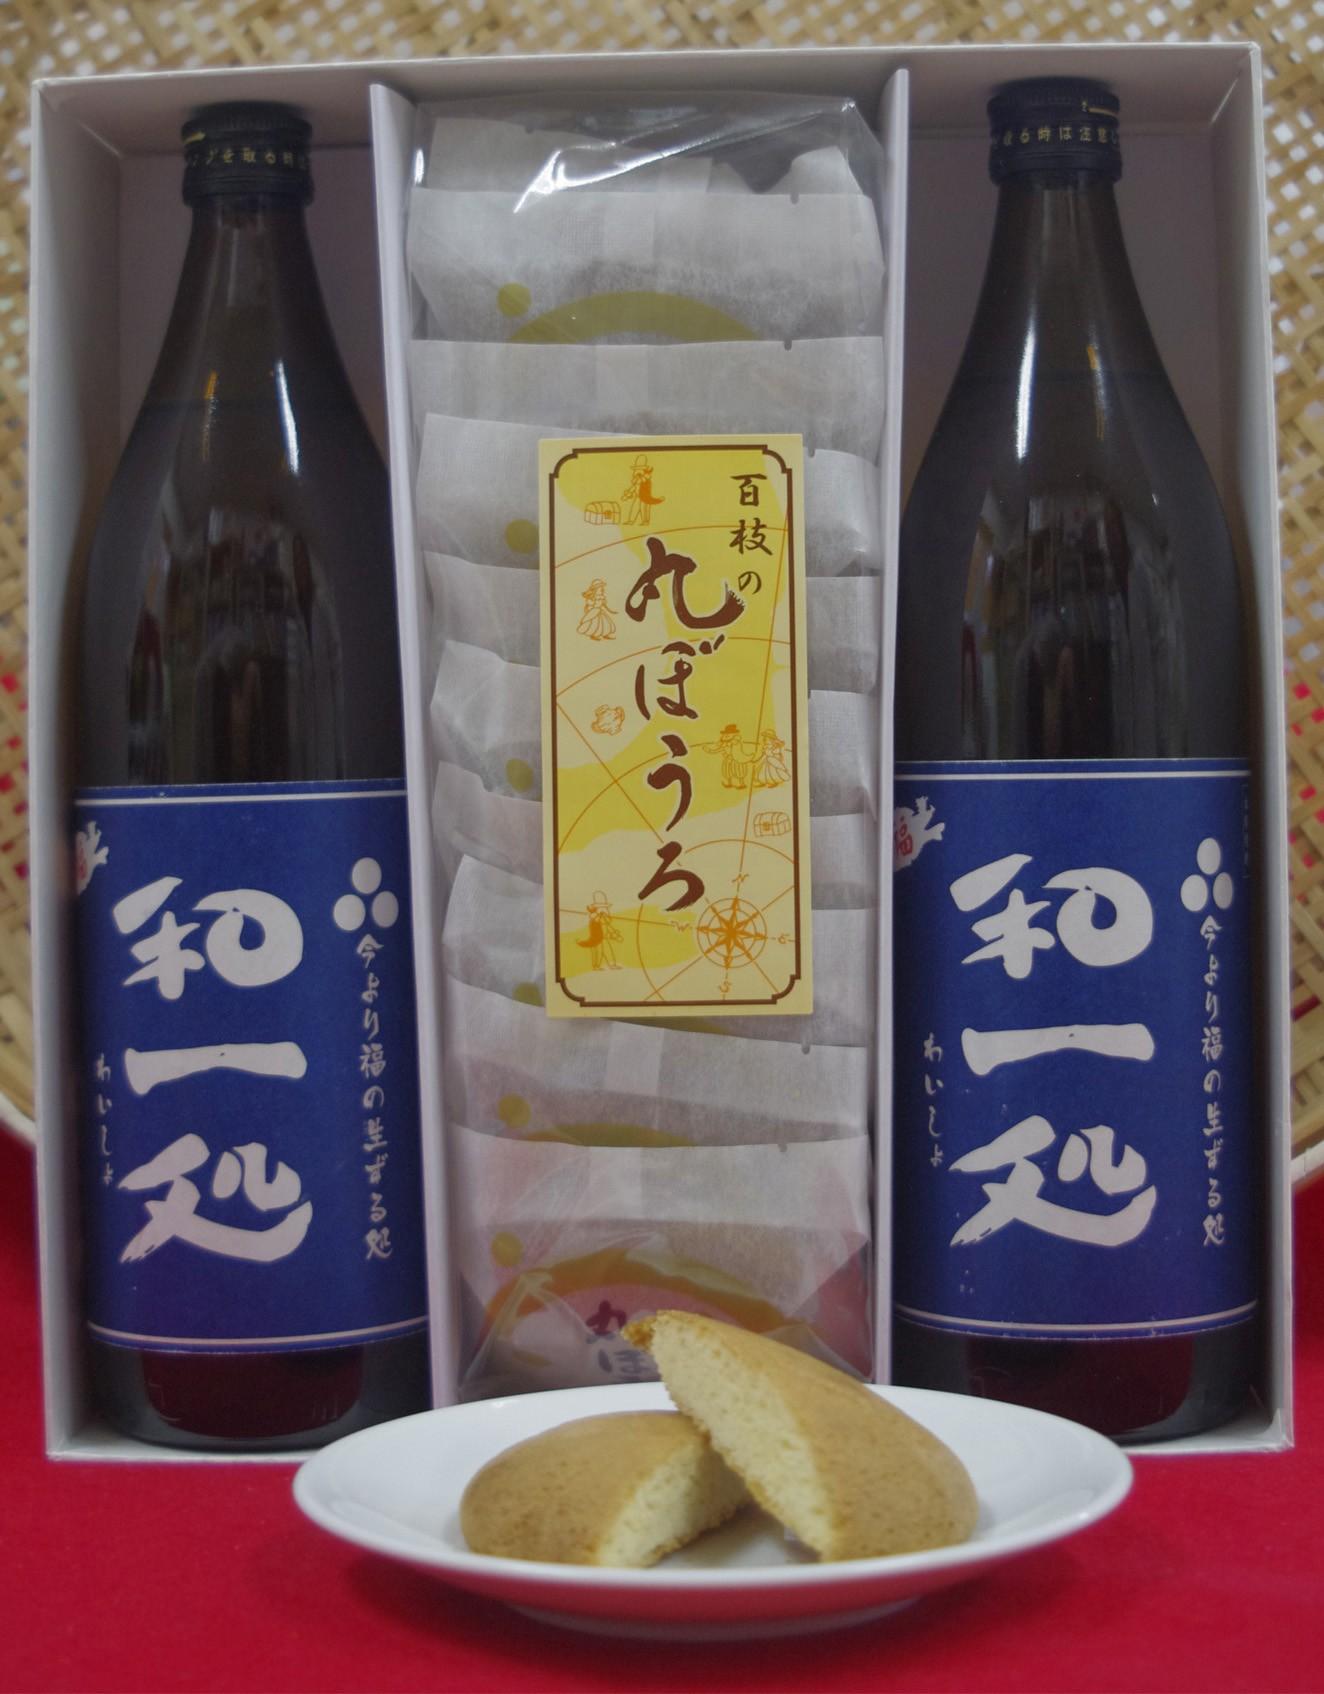 【B1-061】麦焼酎「和一処」と名物菓子丸ぼうろ